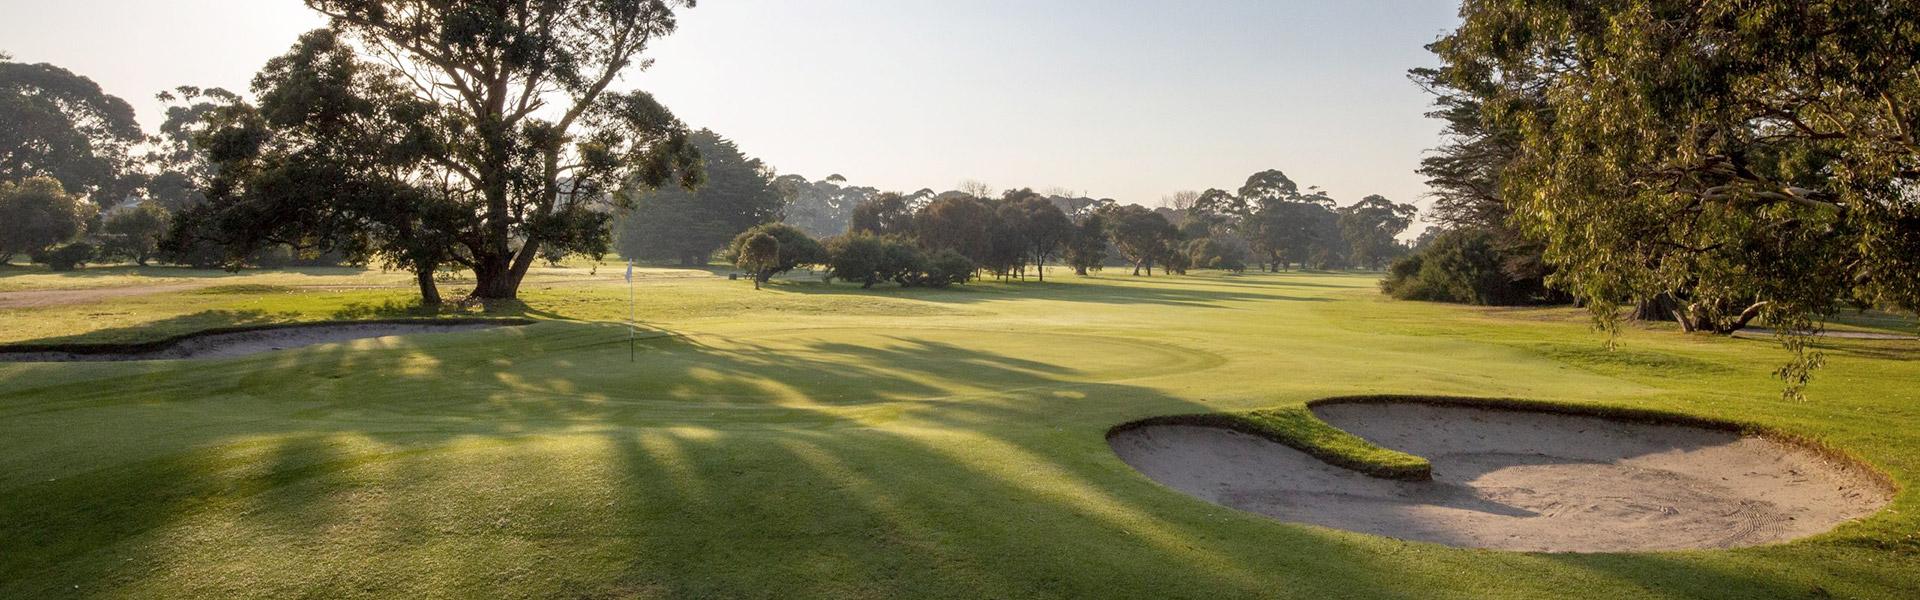 Hole 18 - Rossdale Golf Club